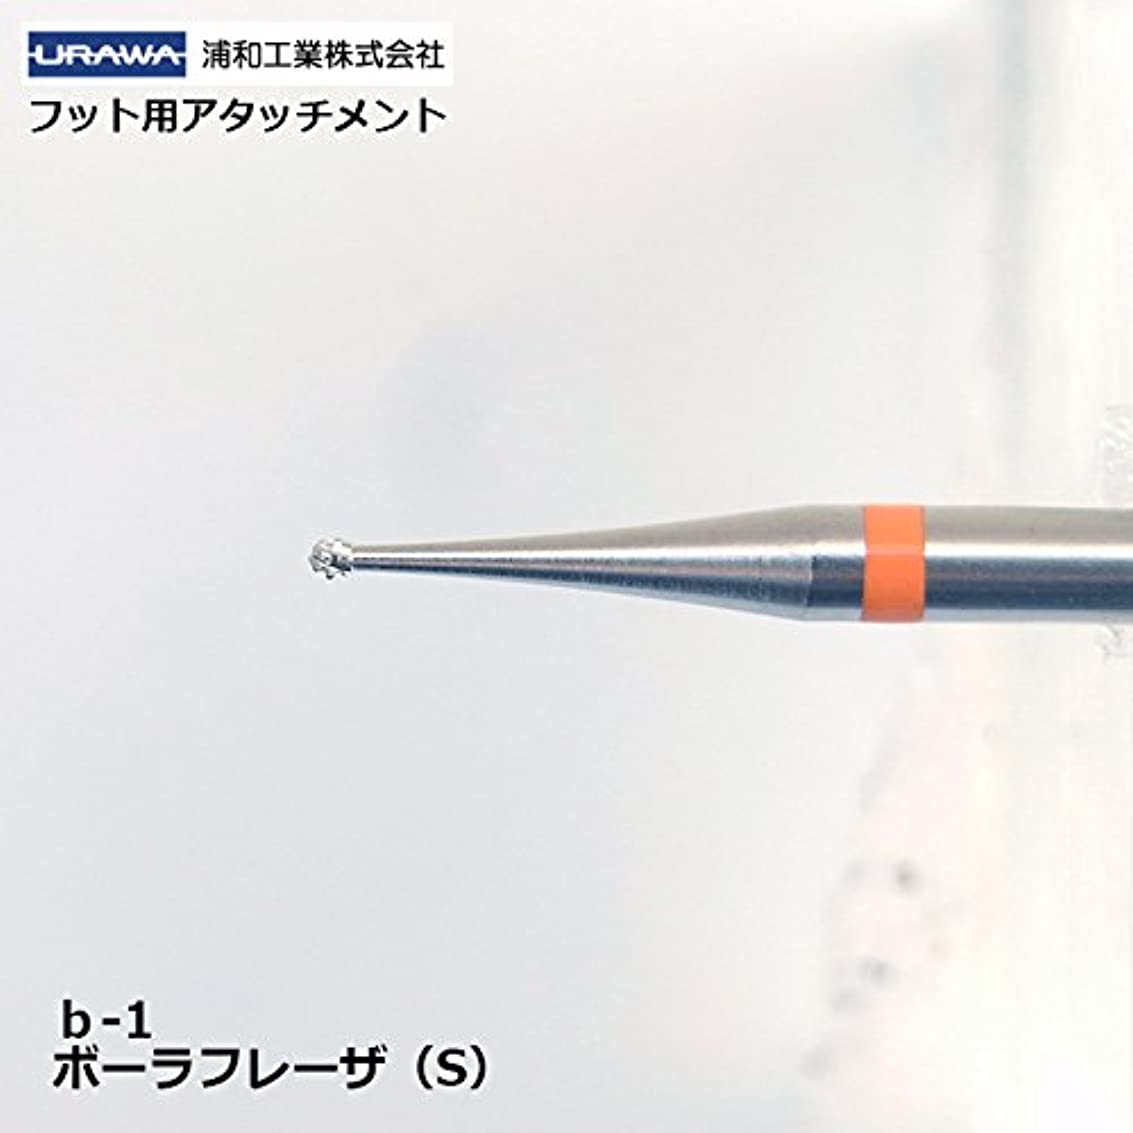 ボリューム粘土改革【URAWA】ボーラフレーザーS(b-1)【フット用アタッチメント】